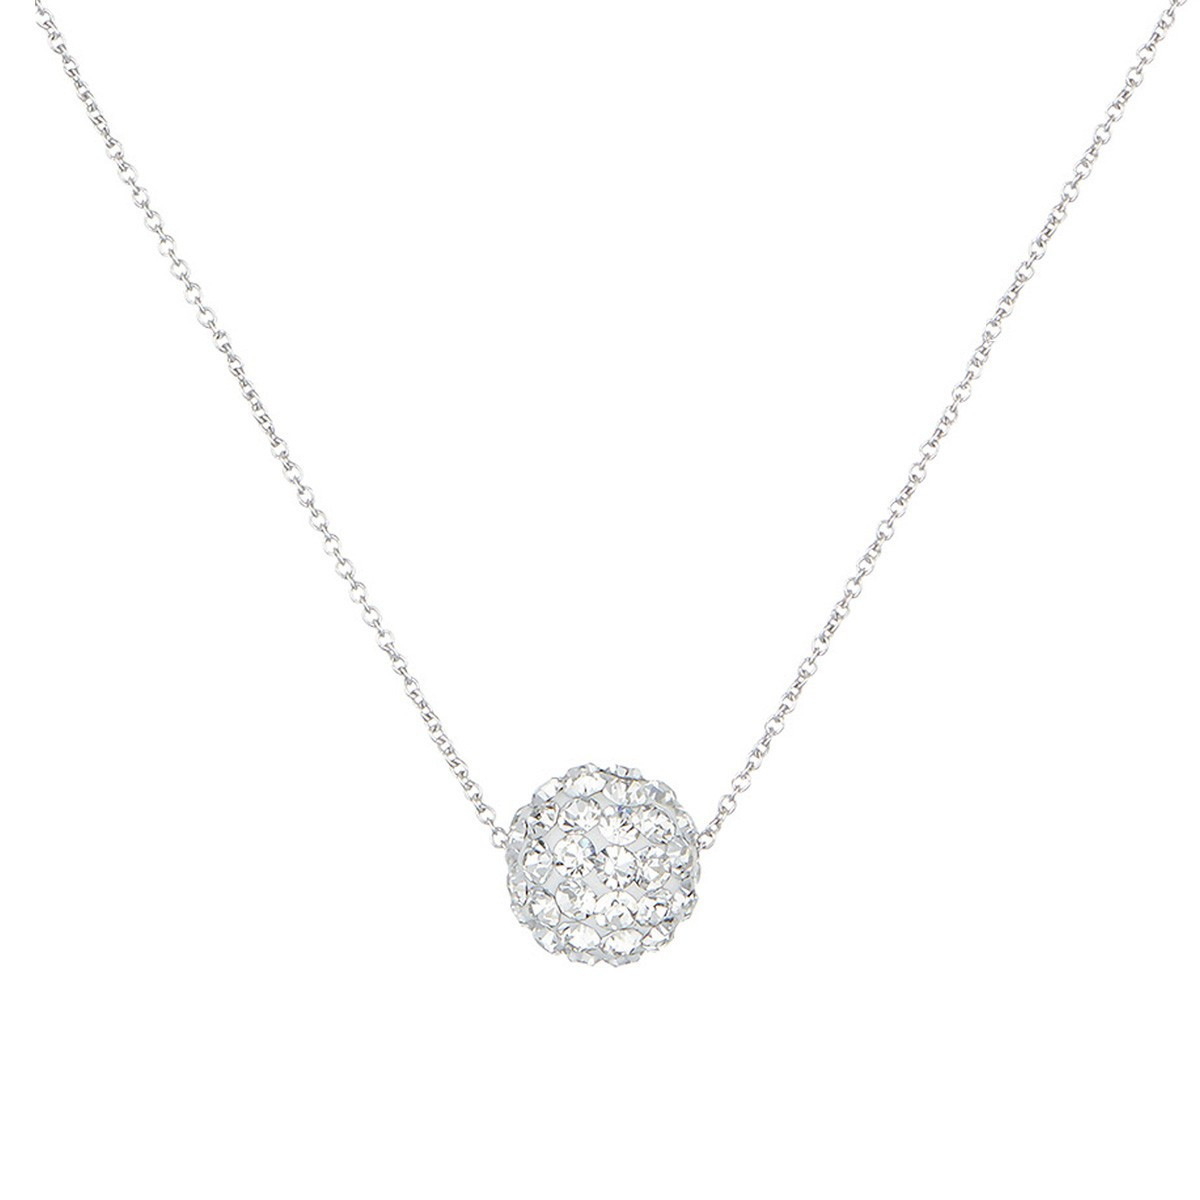 Collier femme bulle de crystal Or Blanc 375 et zirconium